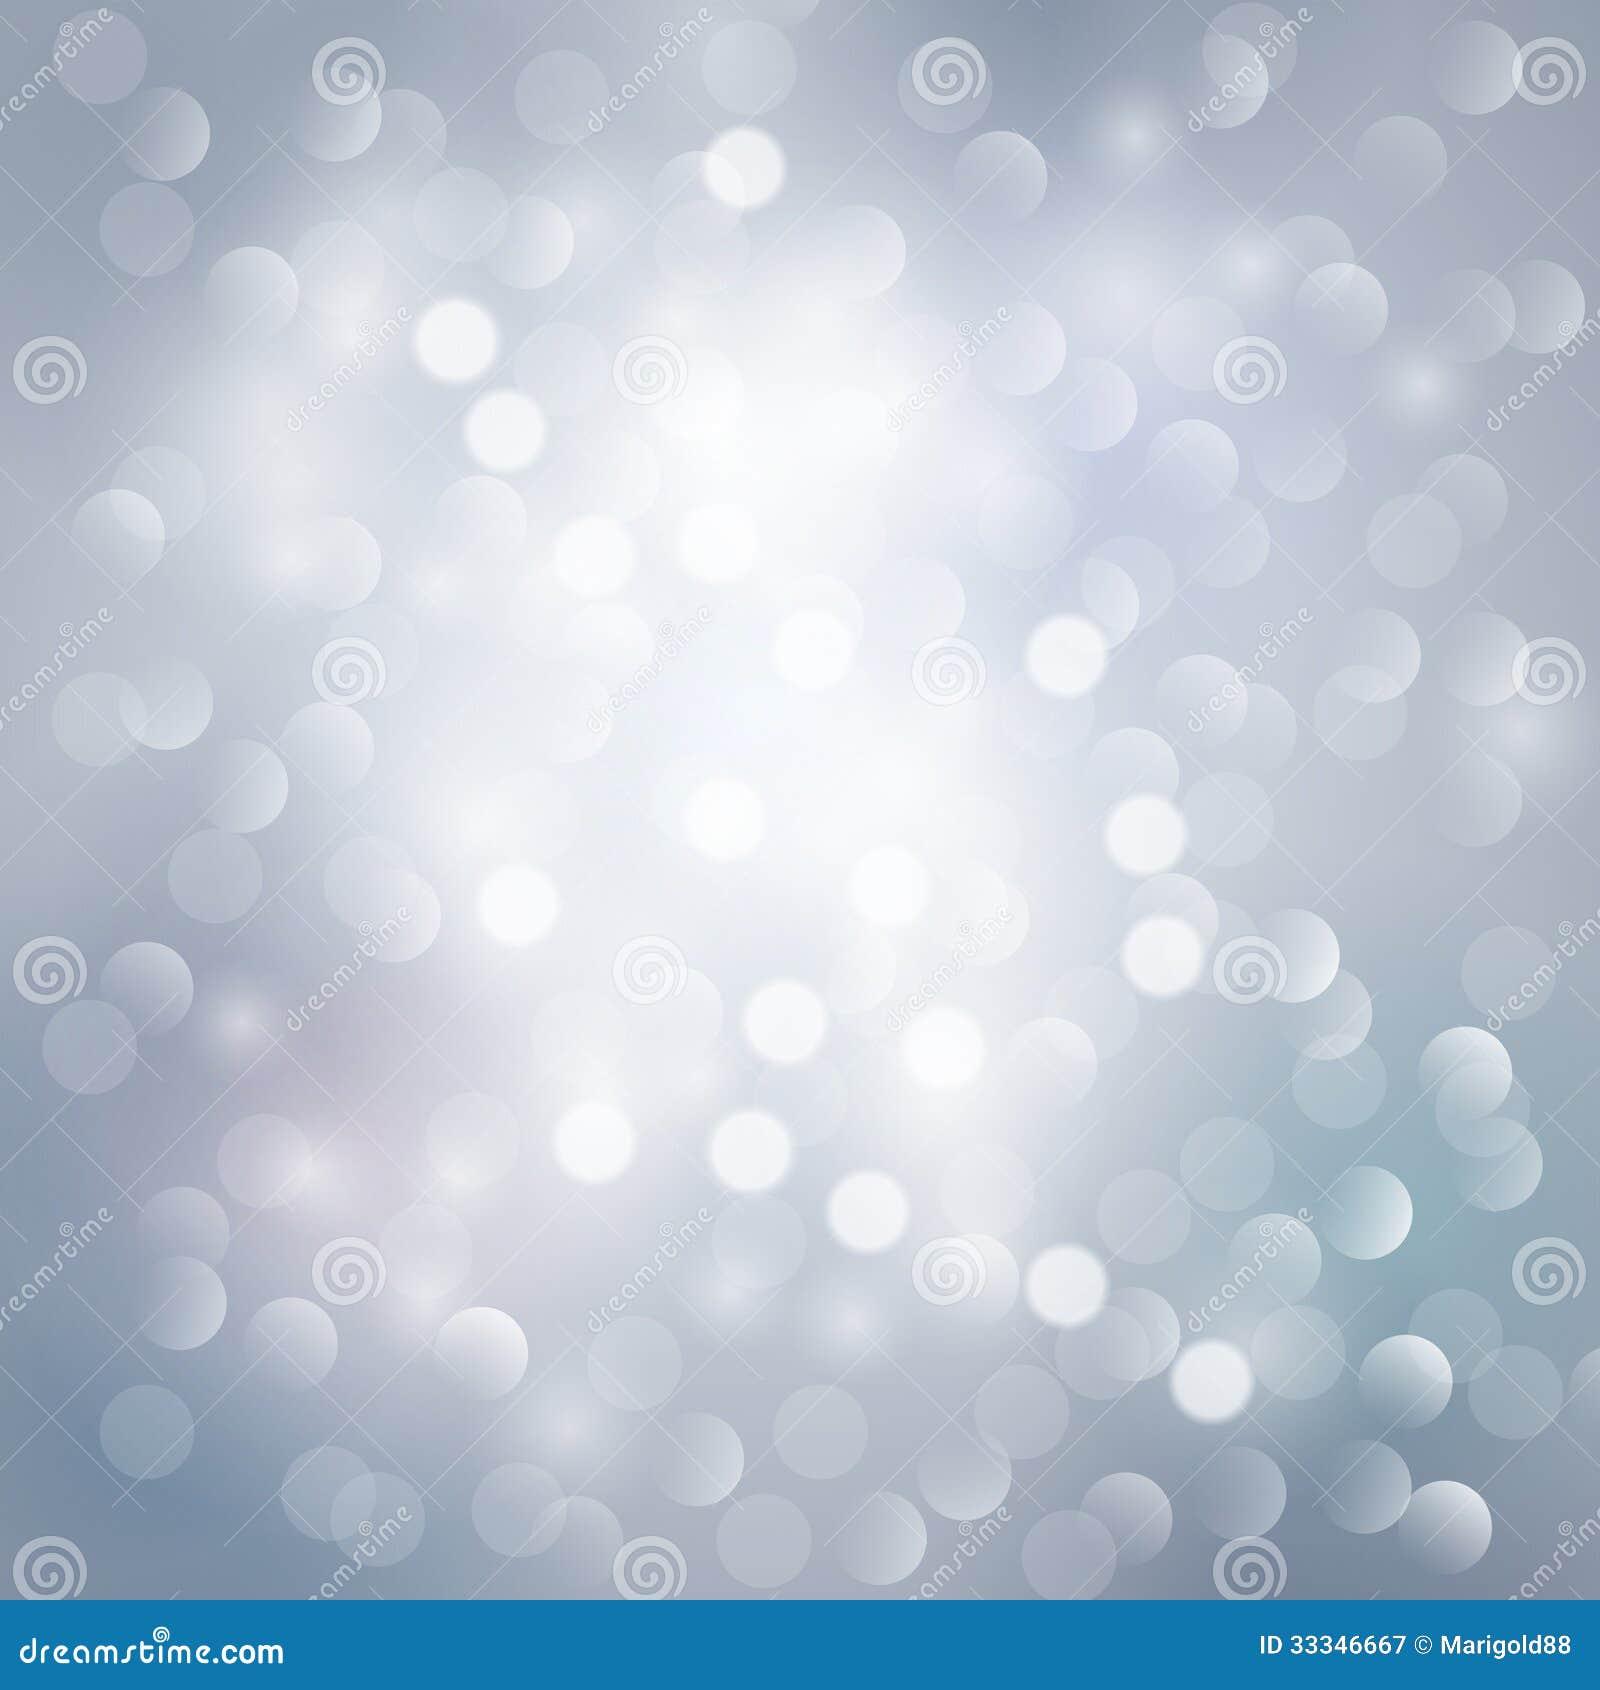 Christmas Light Template